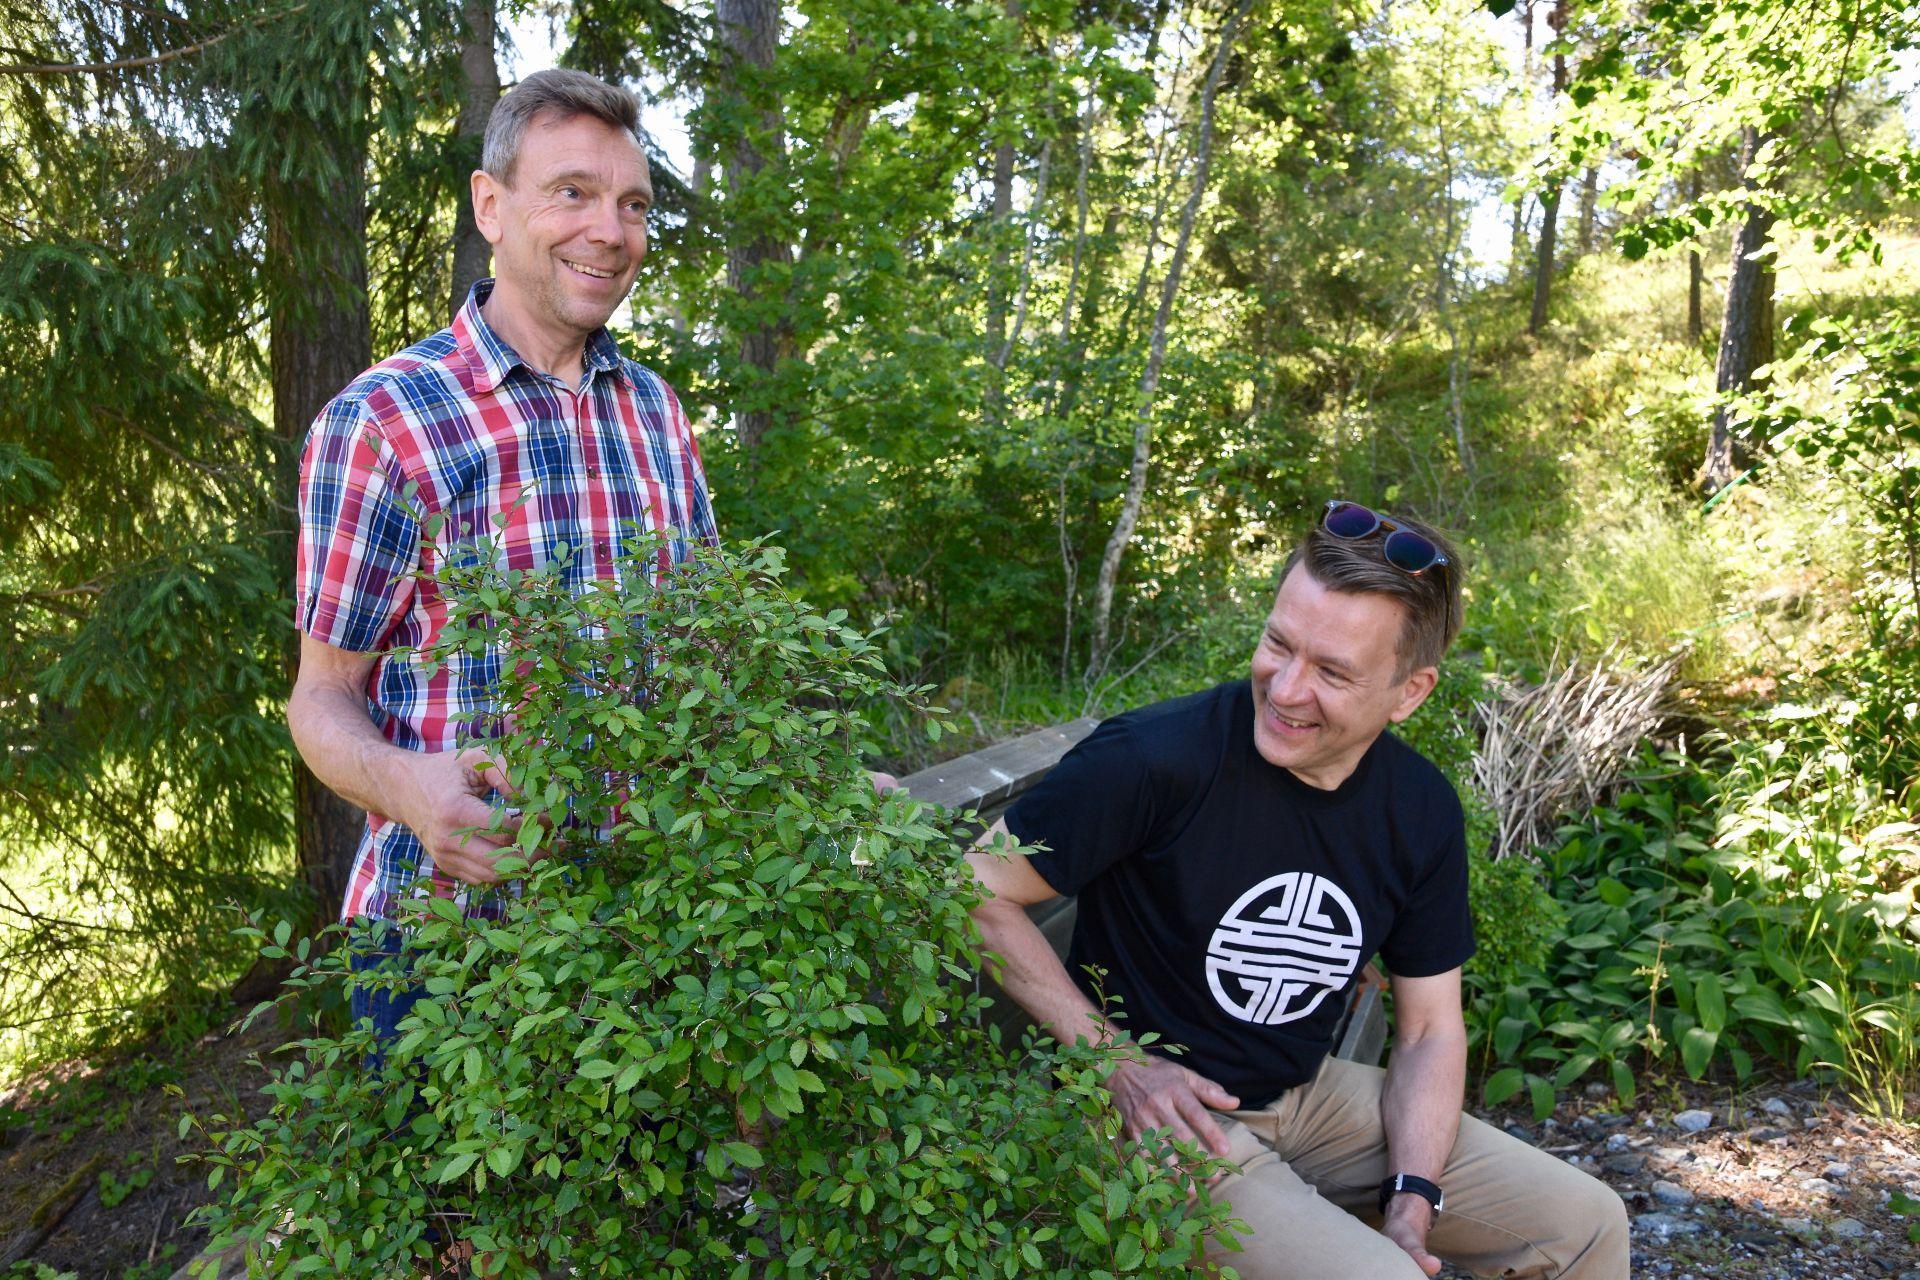 Två män sitter i en grönskande trädgård